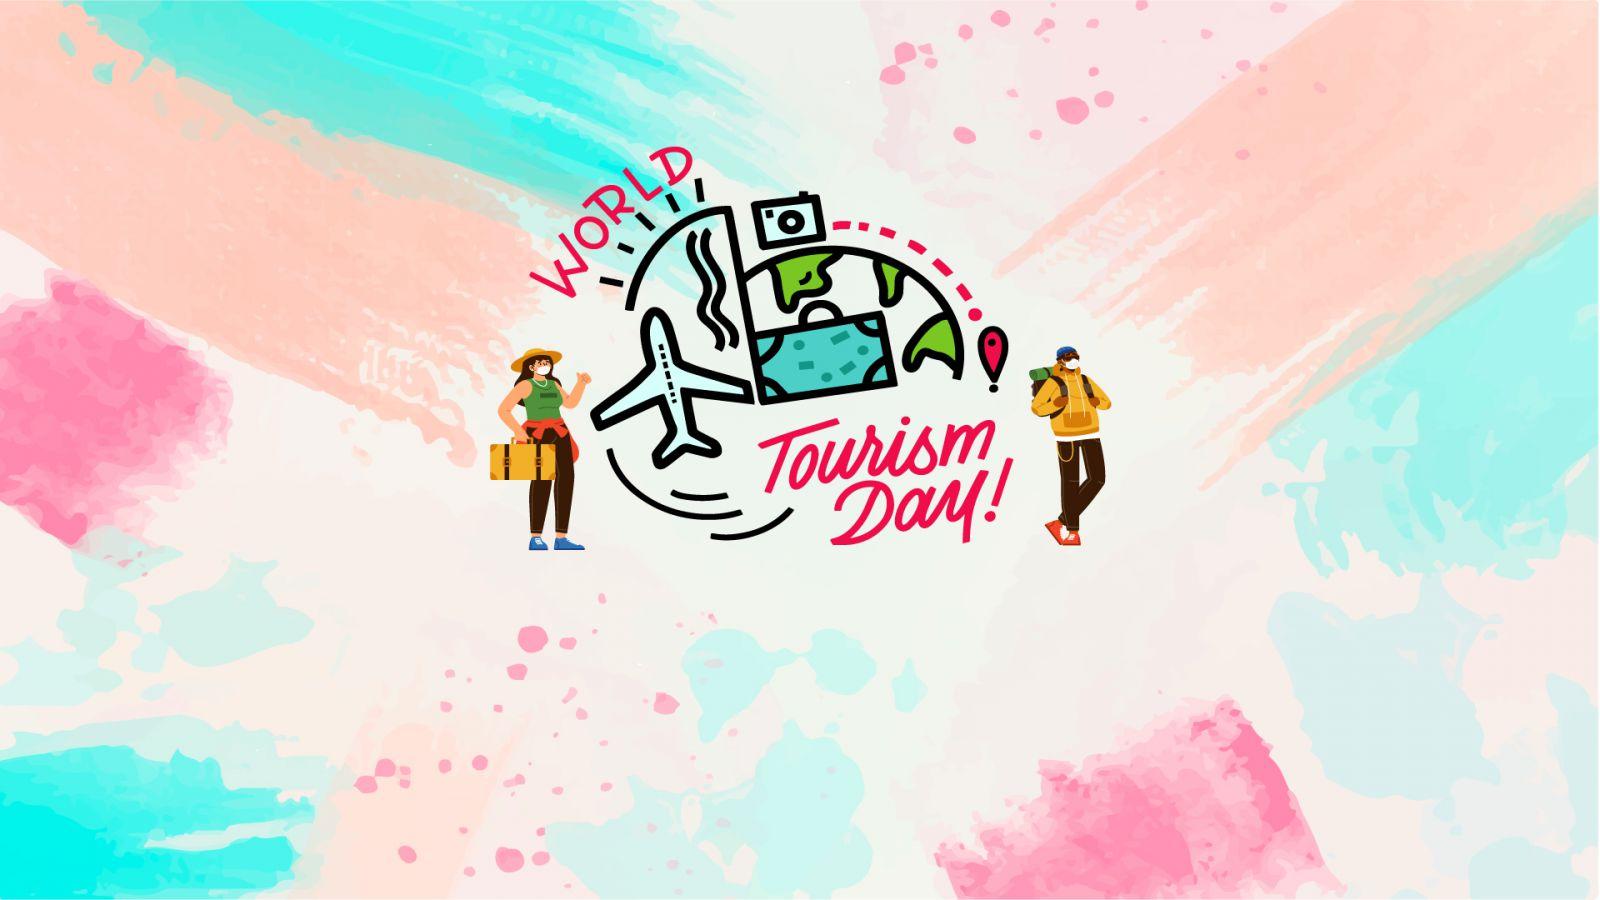 DU LỊCH GIẢM GIÁ | VIETTOURIST kích cầu du lịch với gói tour hấp dẫn